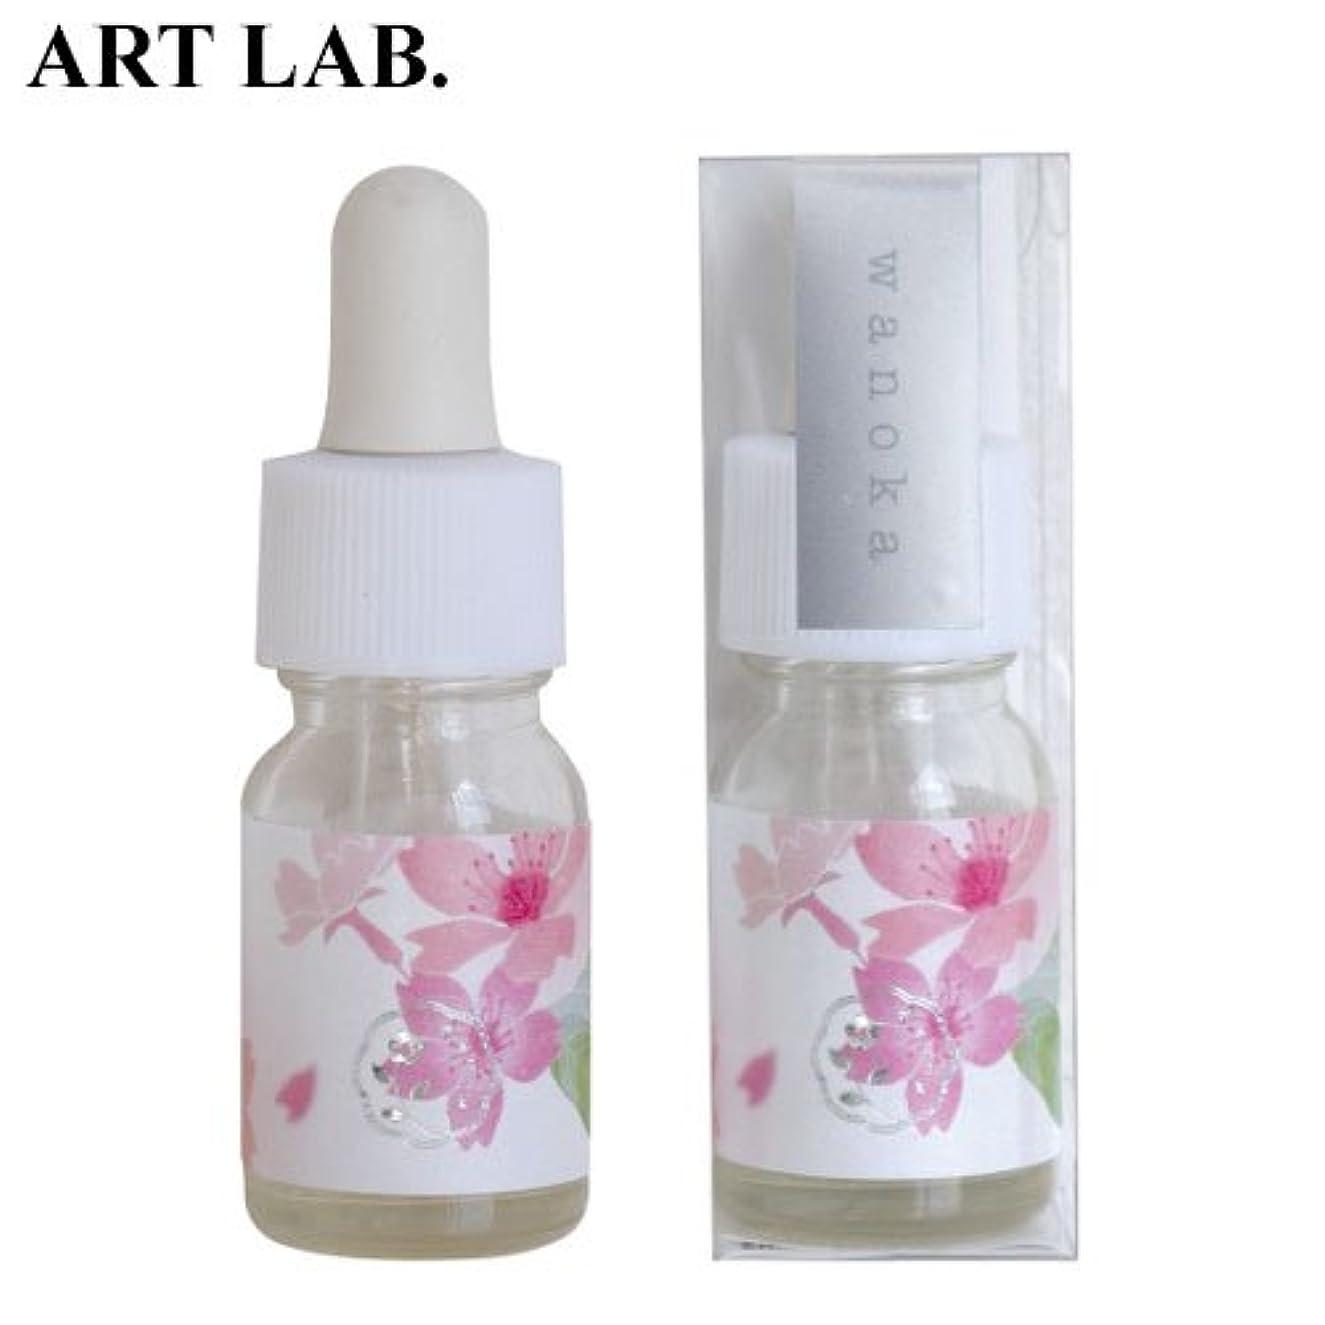 通貨口ひげ何故なのwanoka香油アロマオイル桜《桜をイメージした甘い香り》ART LABAromatic oil